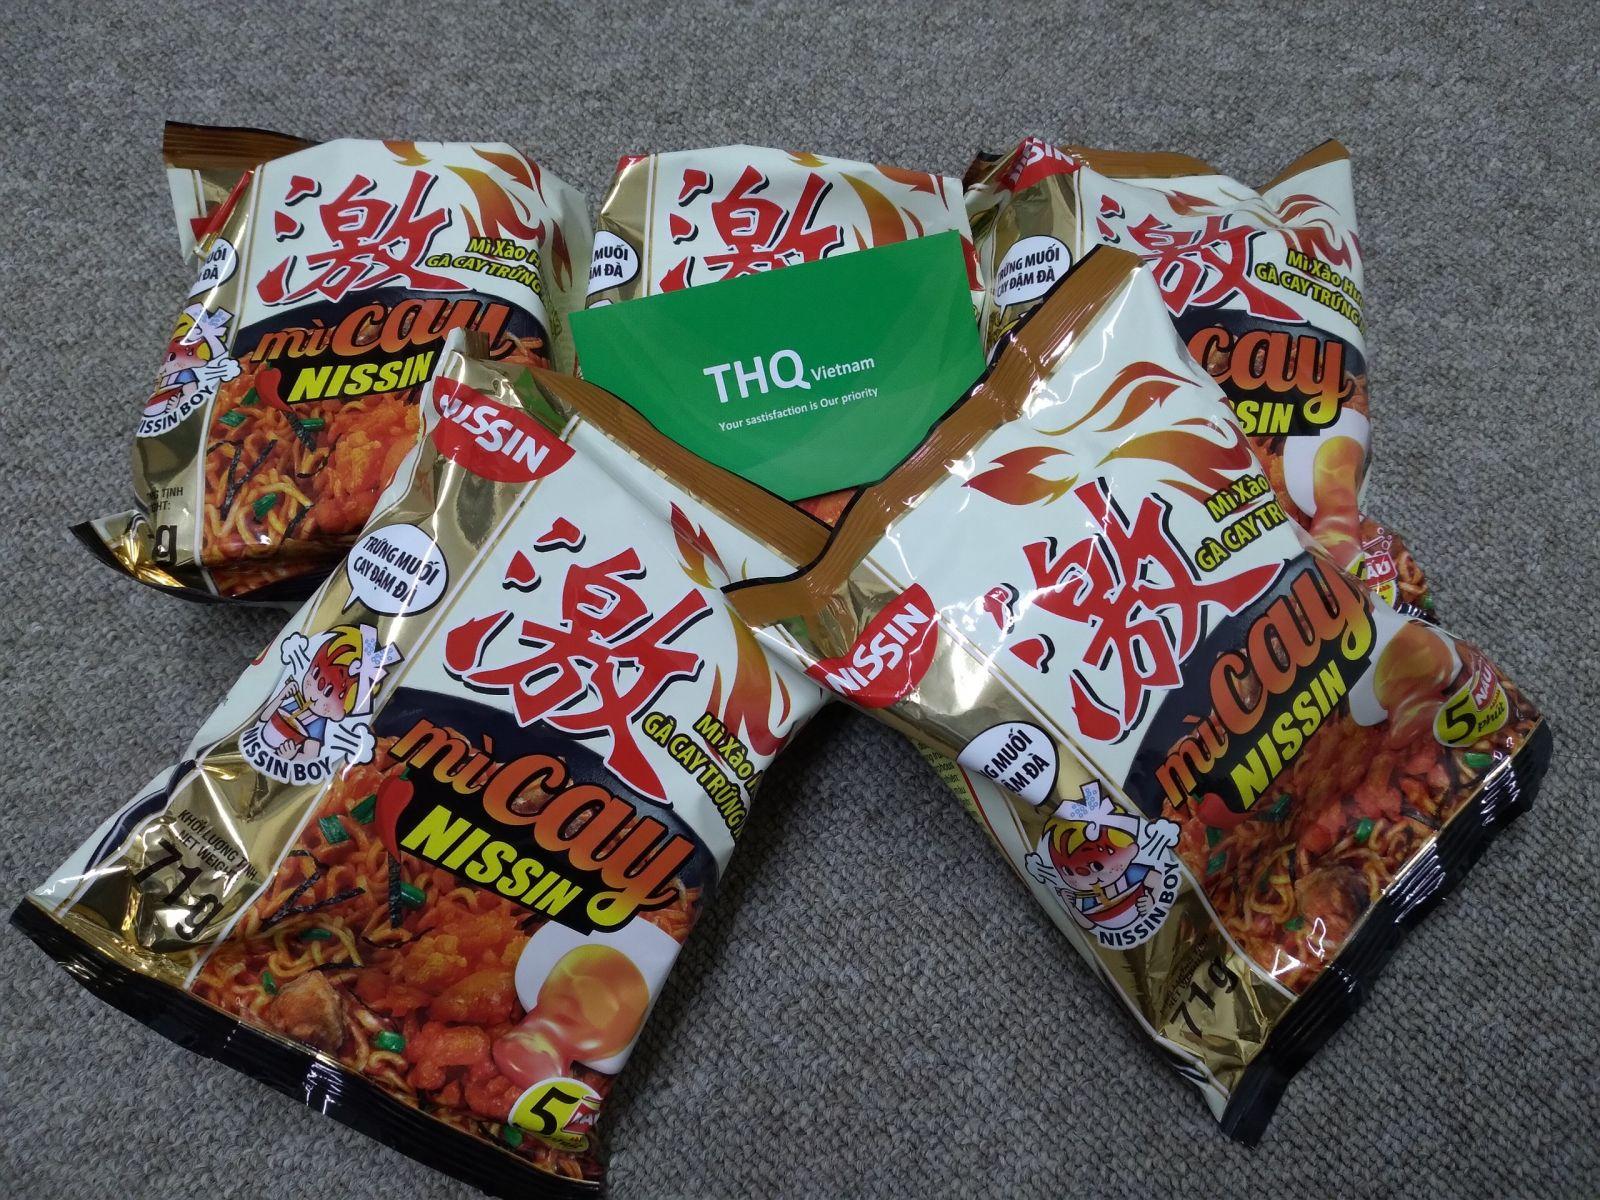 Nissin Noodle Korean Flavor In bag